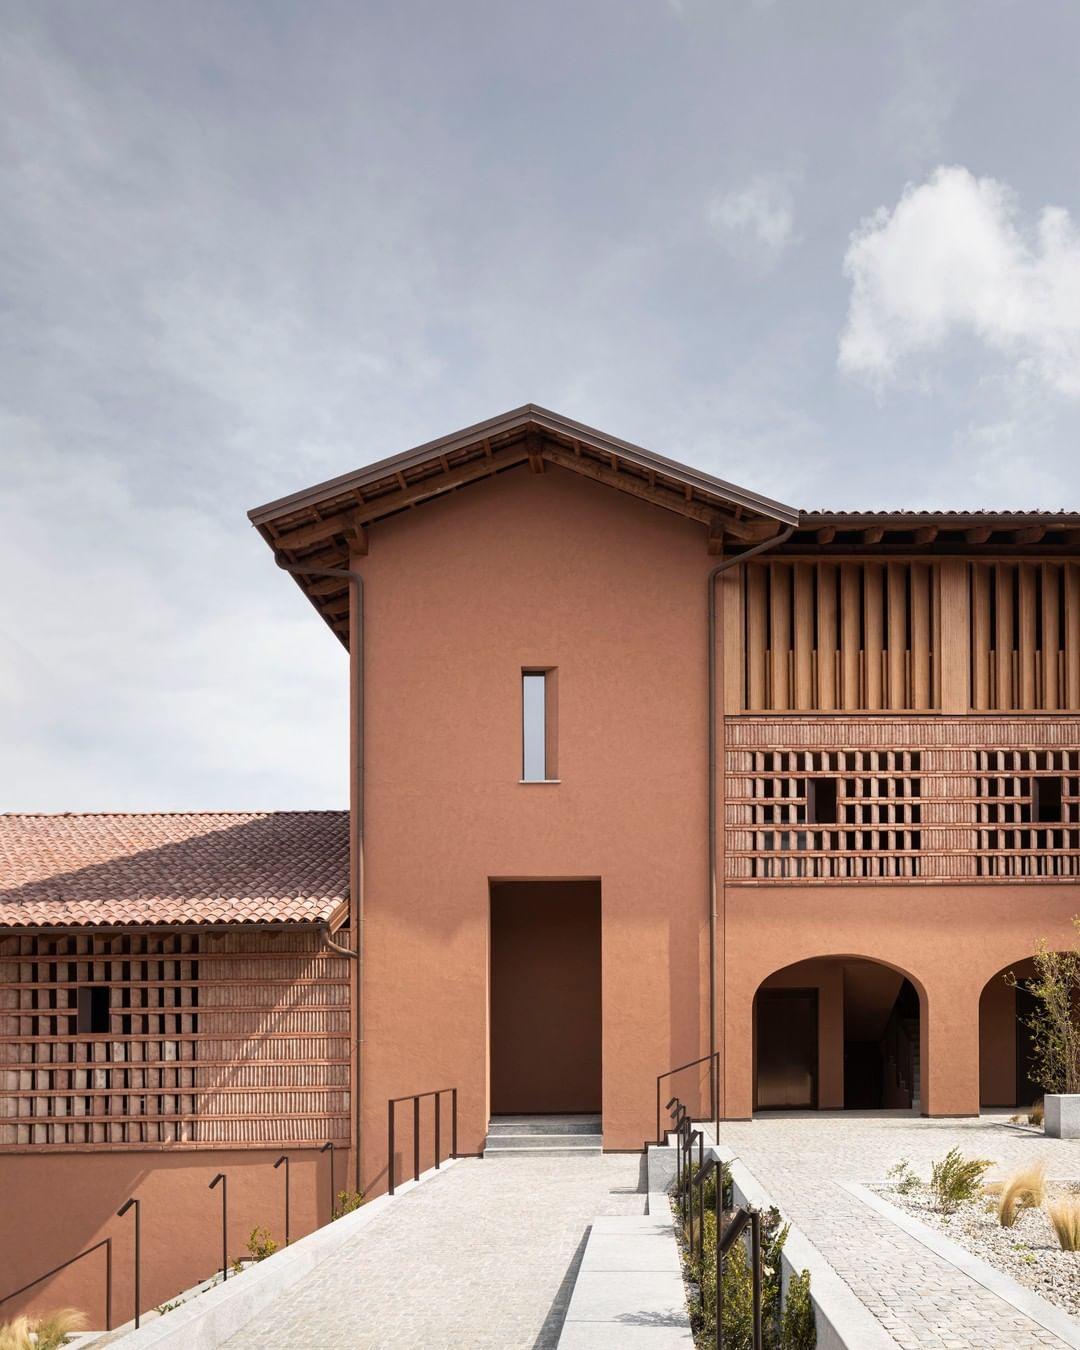 No Piemonte, o primeiro hotel do mundo a ter um concierge de trufas